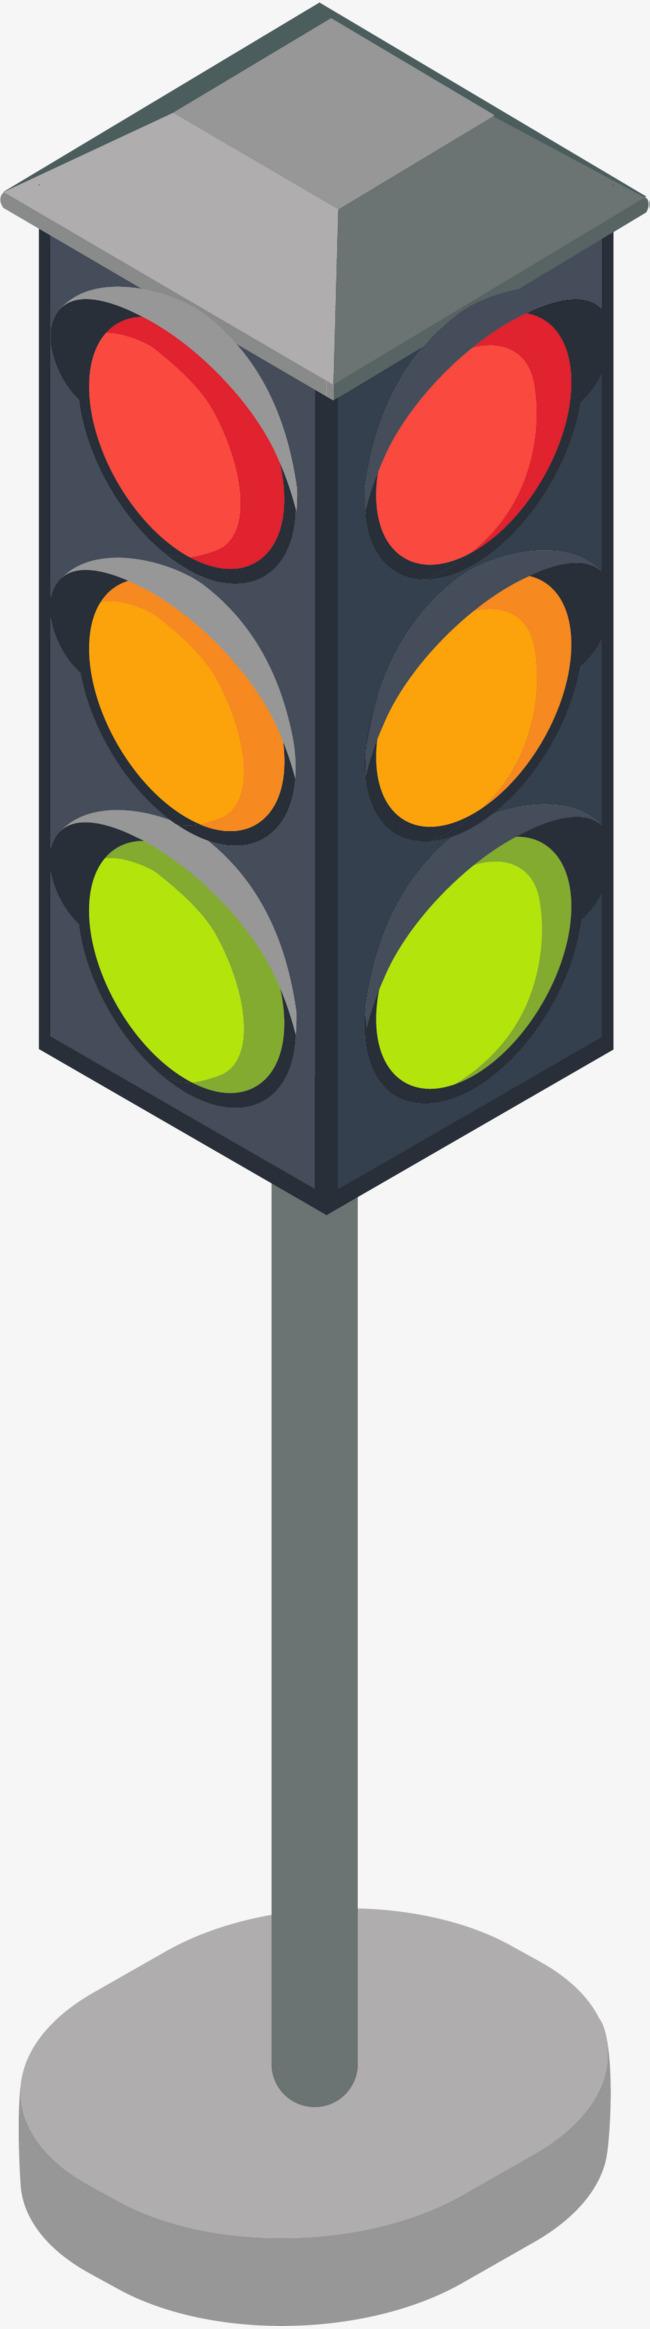 650x2329 Cartoon Traffic Light, Vector Pattern, Traffic, Traffic Lights Png